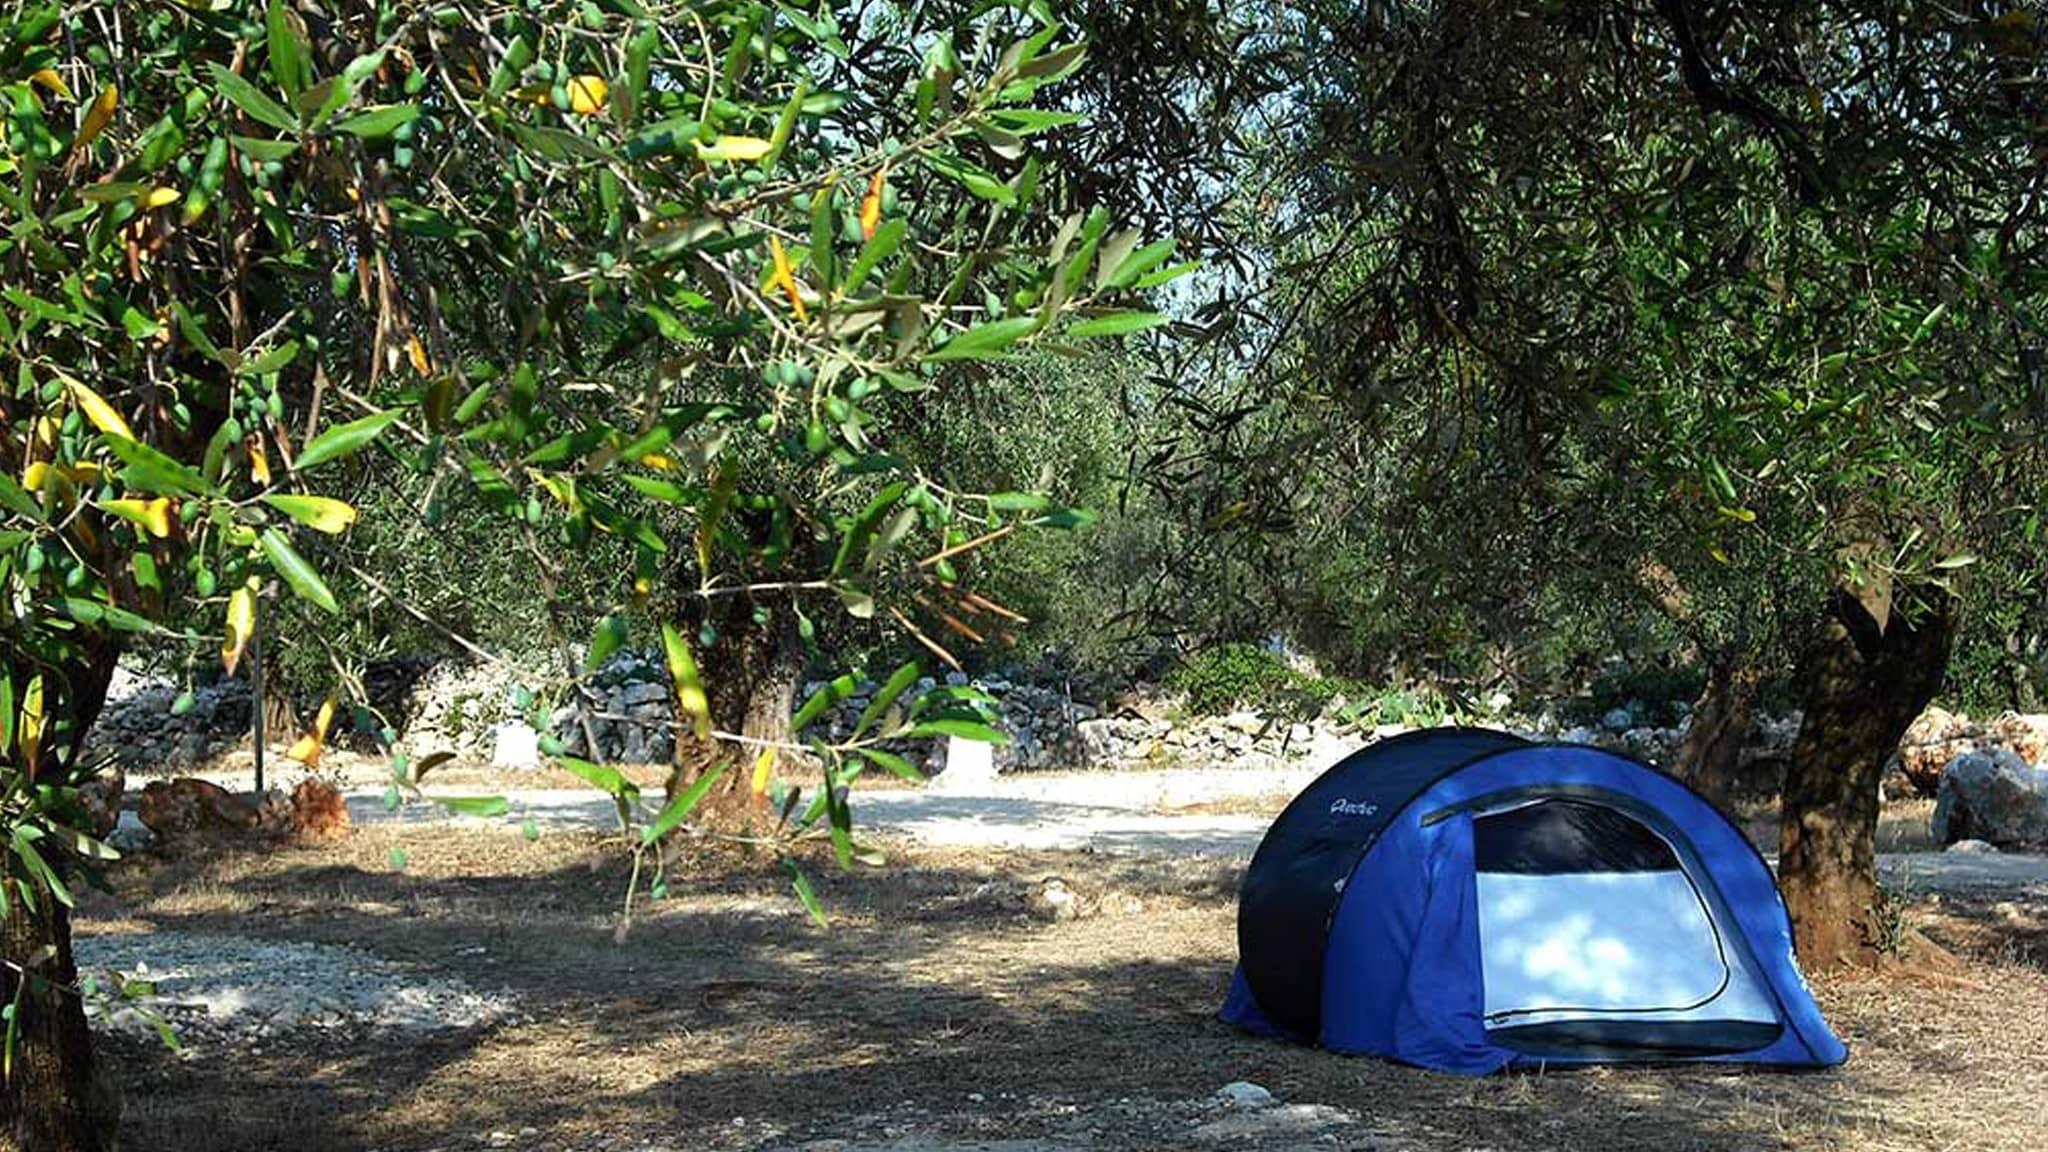 garden_sharing_campeggio_